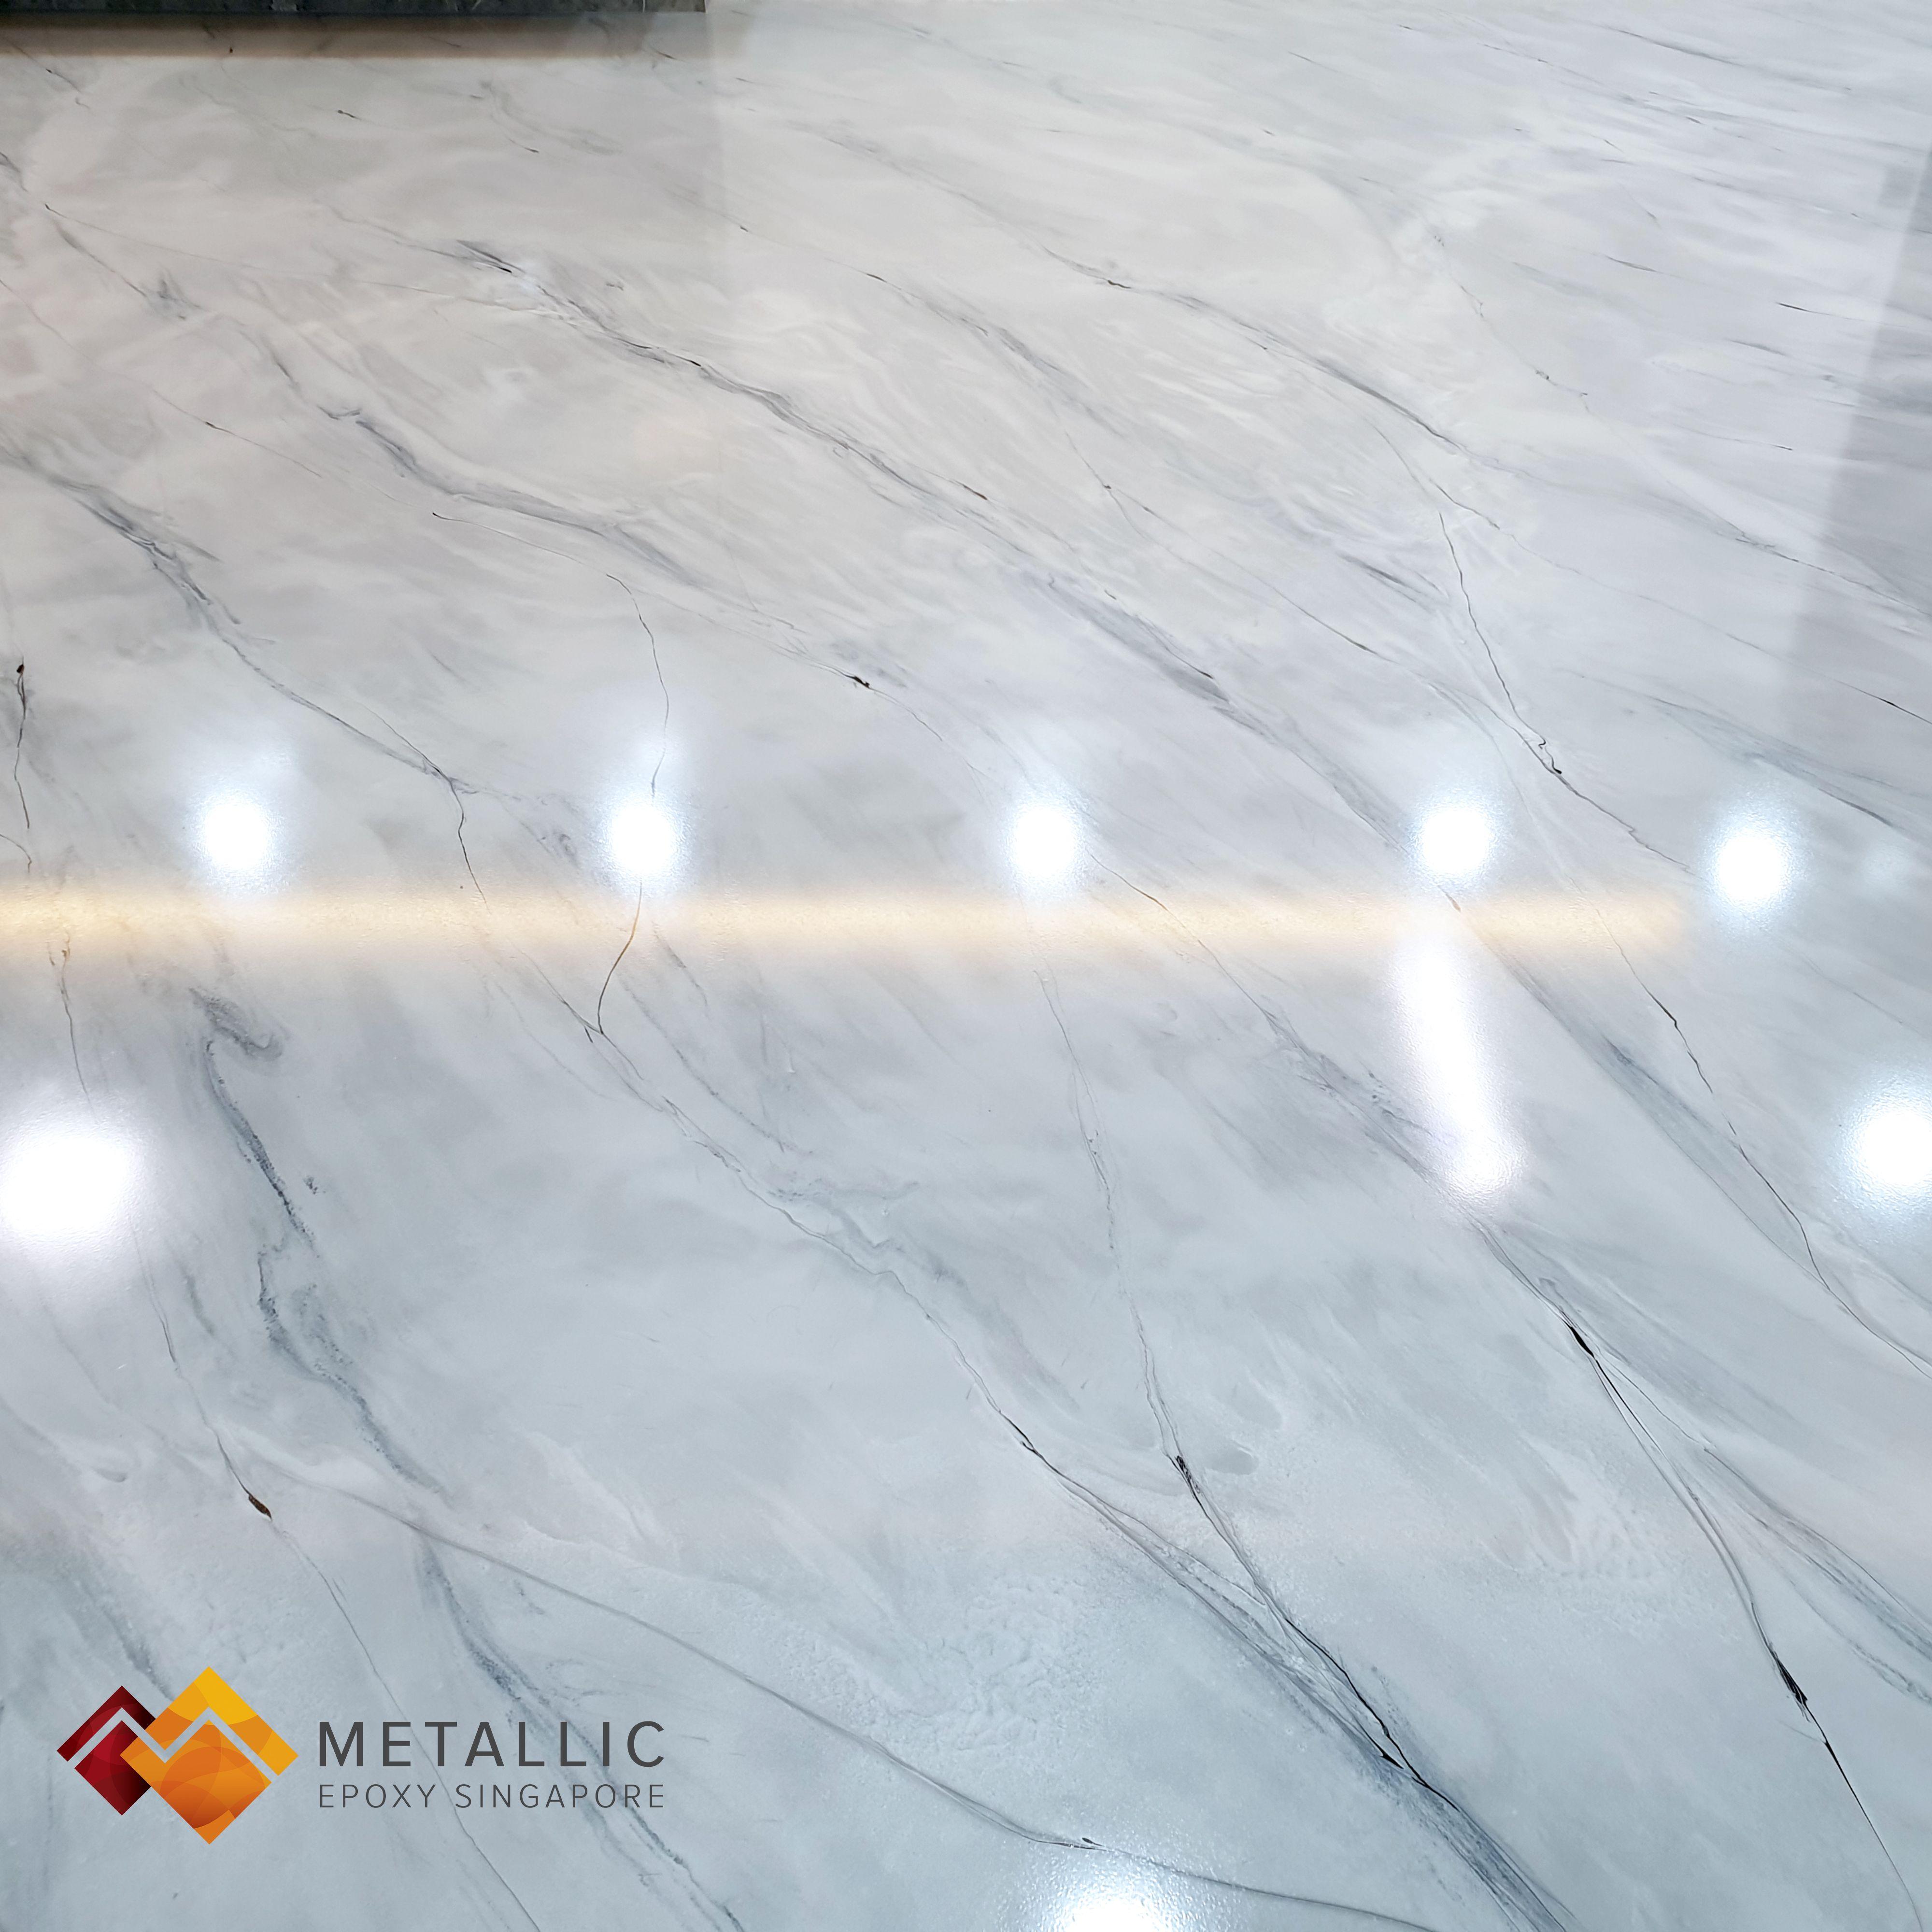 Metallic Epoxy Singapore Grey Mixed Marble Theme Living Room Floor In 2020 Epoxy Floor Flooring Epoxy